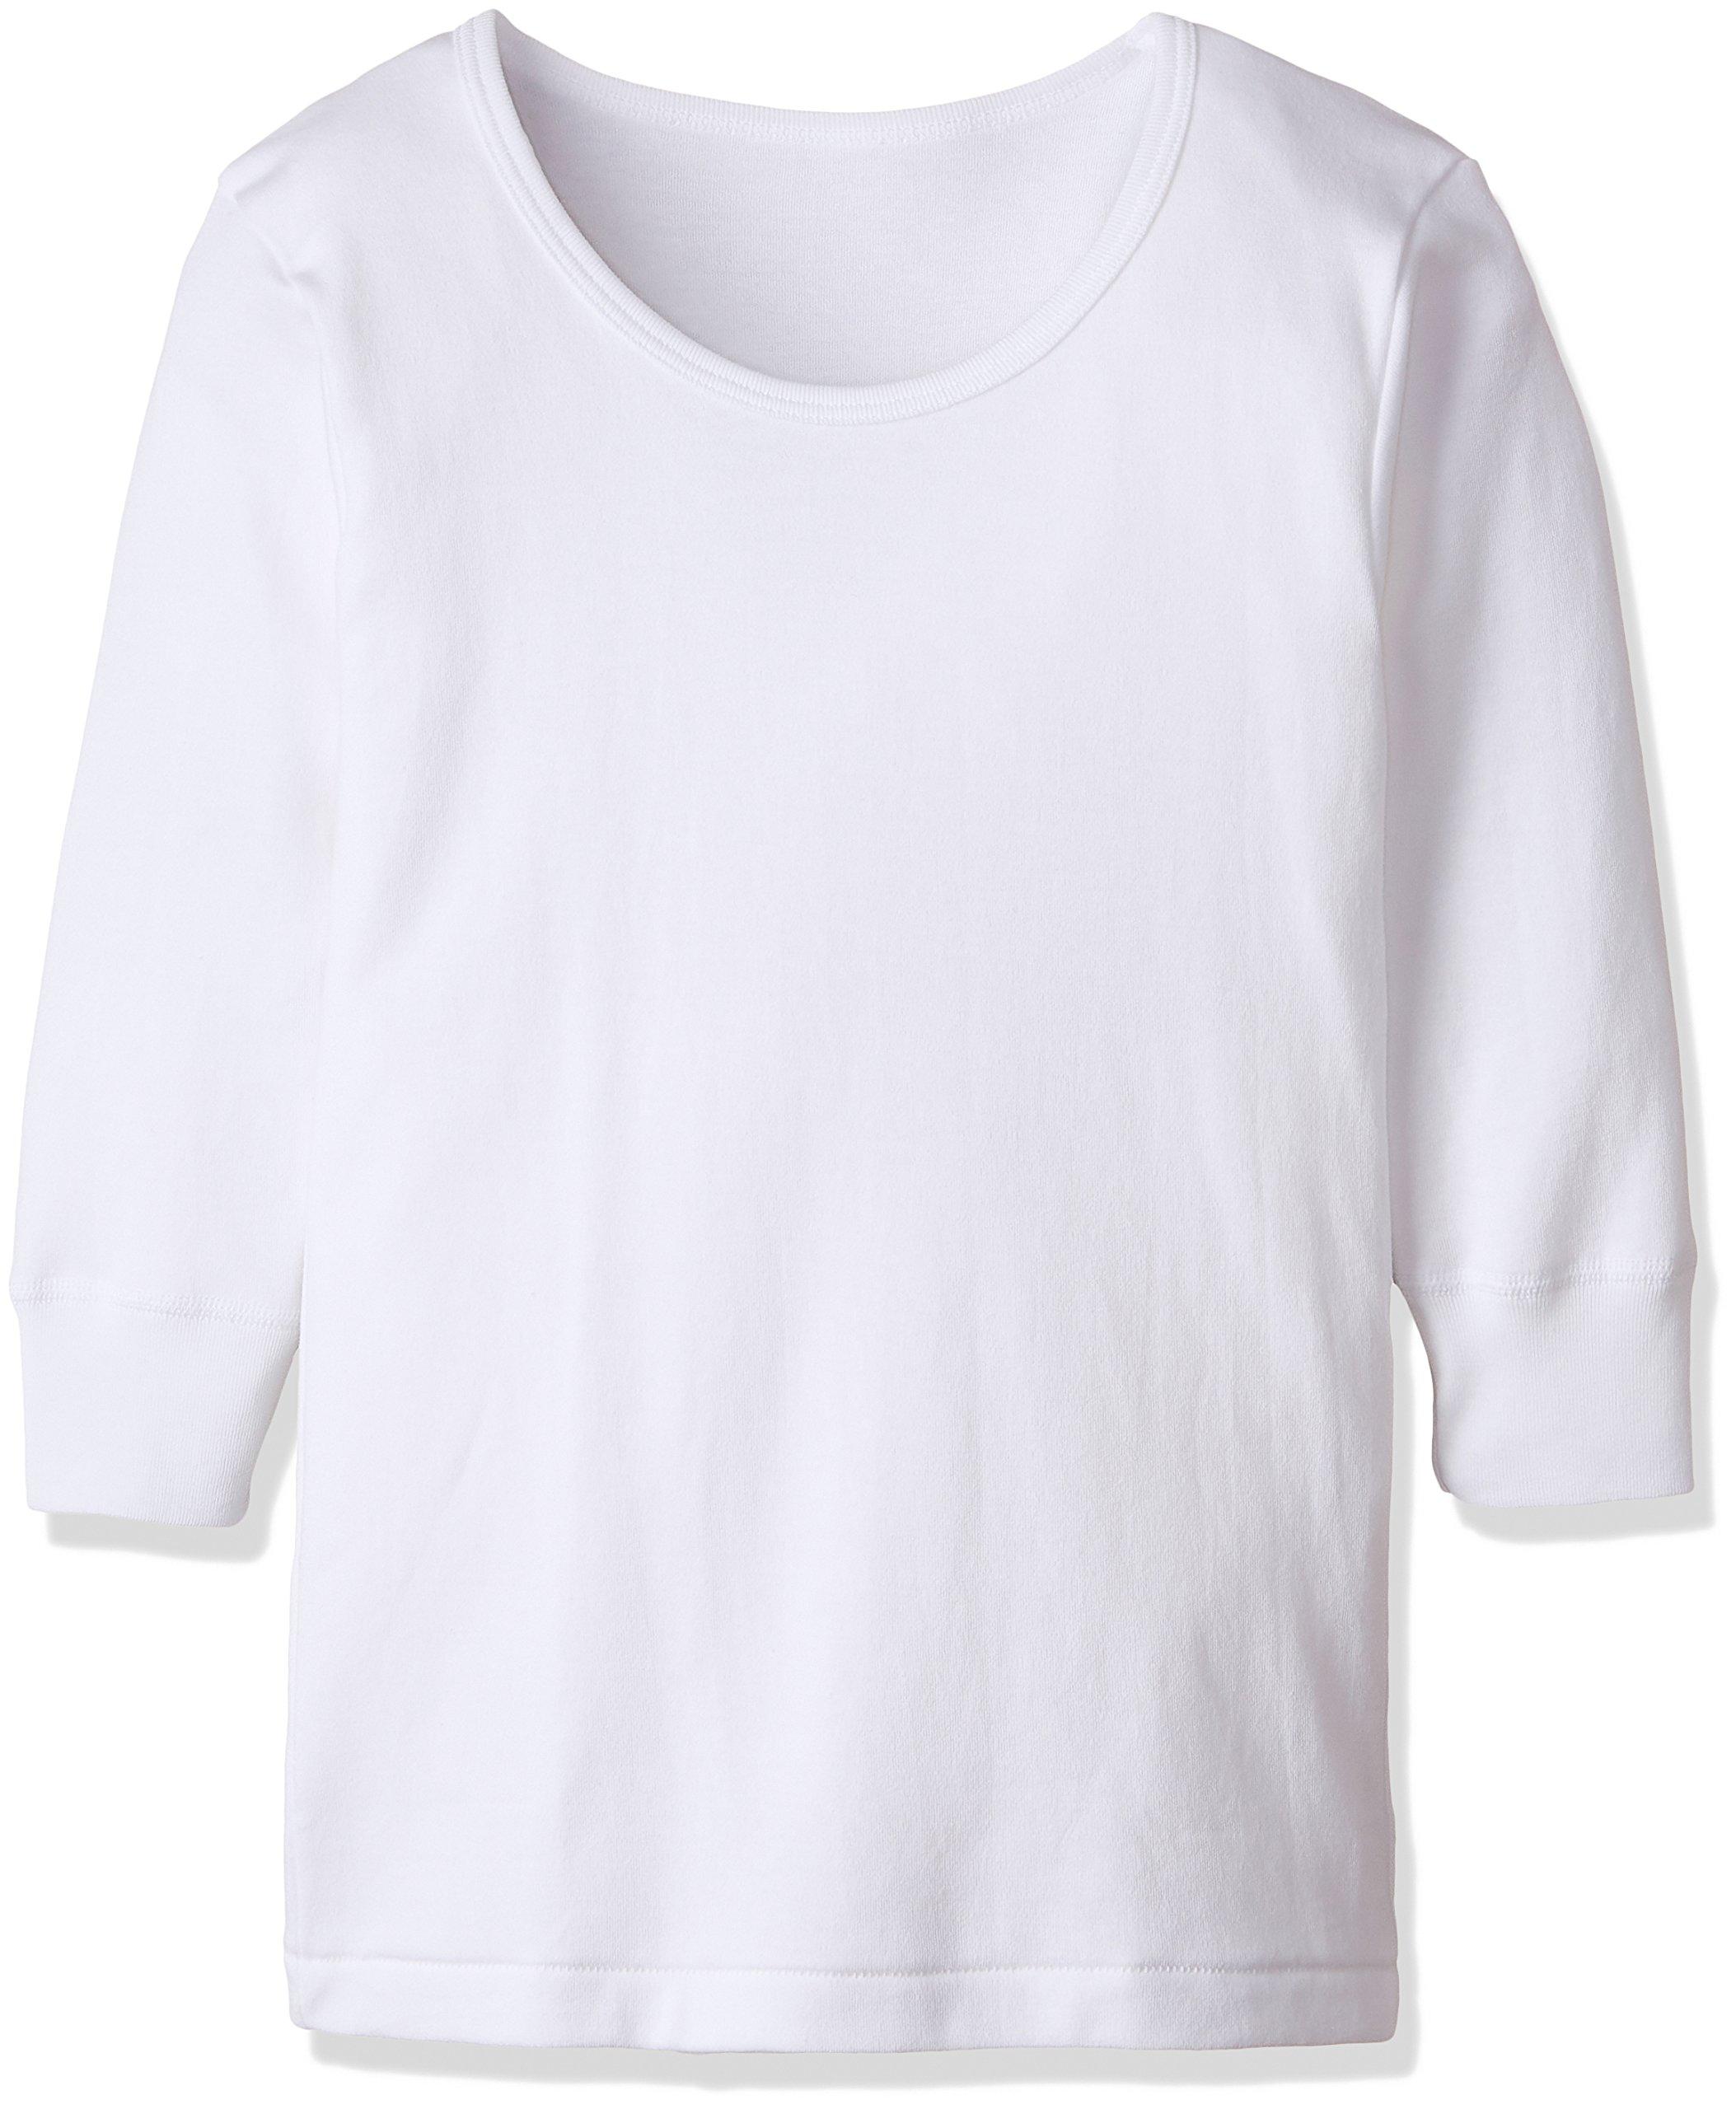 (郡は)グンゼ子供男の子の暖かい厚さ(室内乾燥、抗菌、消臭)綿100%長袖ラウンドネック2ピースBF 23 B 03白160